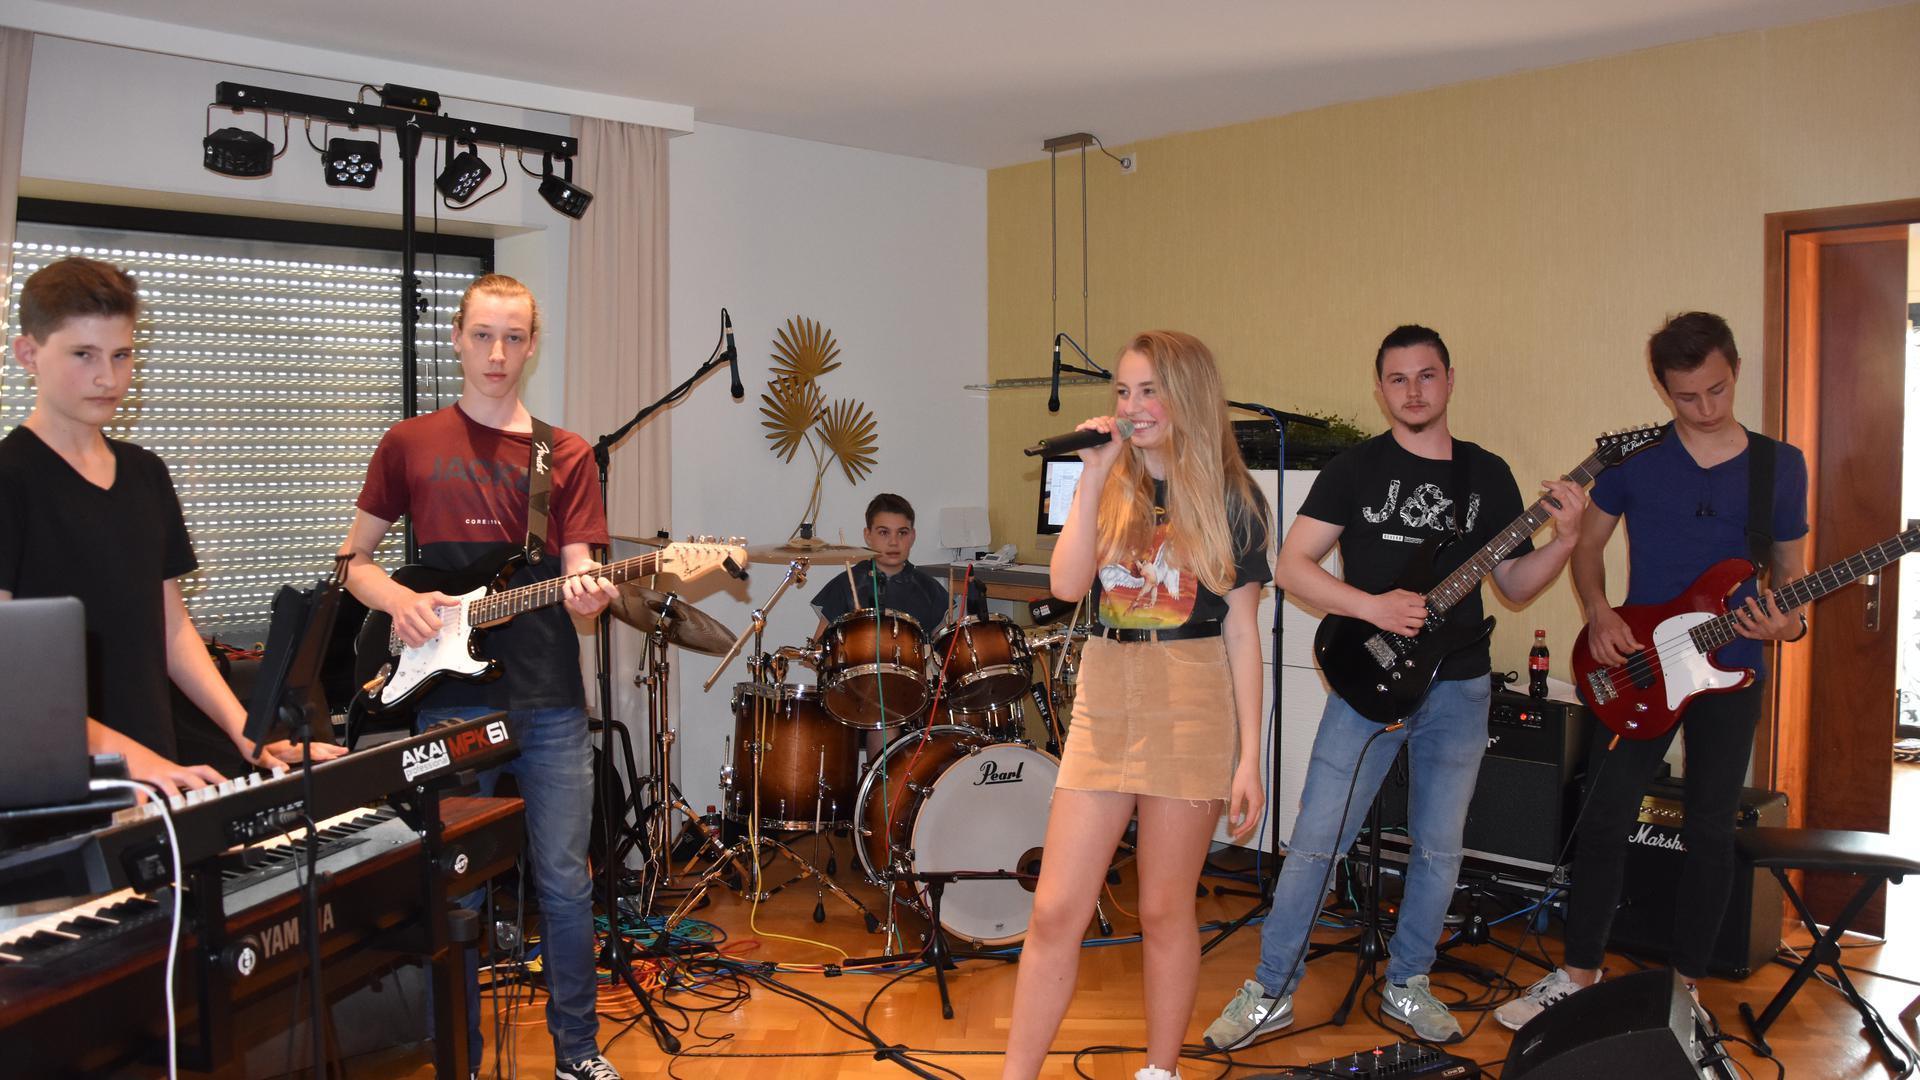 """GESUCHT UND GEFUNDEN hat die Voice Kids Finalistin Oliwia Jungmusiker für die Band """"Wanted"""" . Sie treten bei einem zweitägigen Sommerfest einer Karnevalsvereinigung in Karlsruhe auf."""